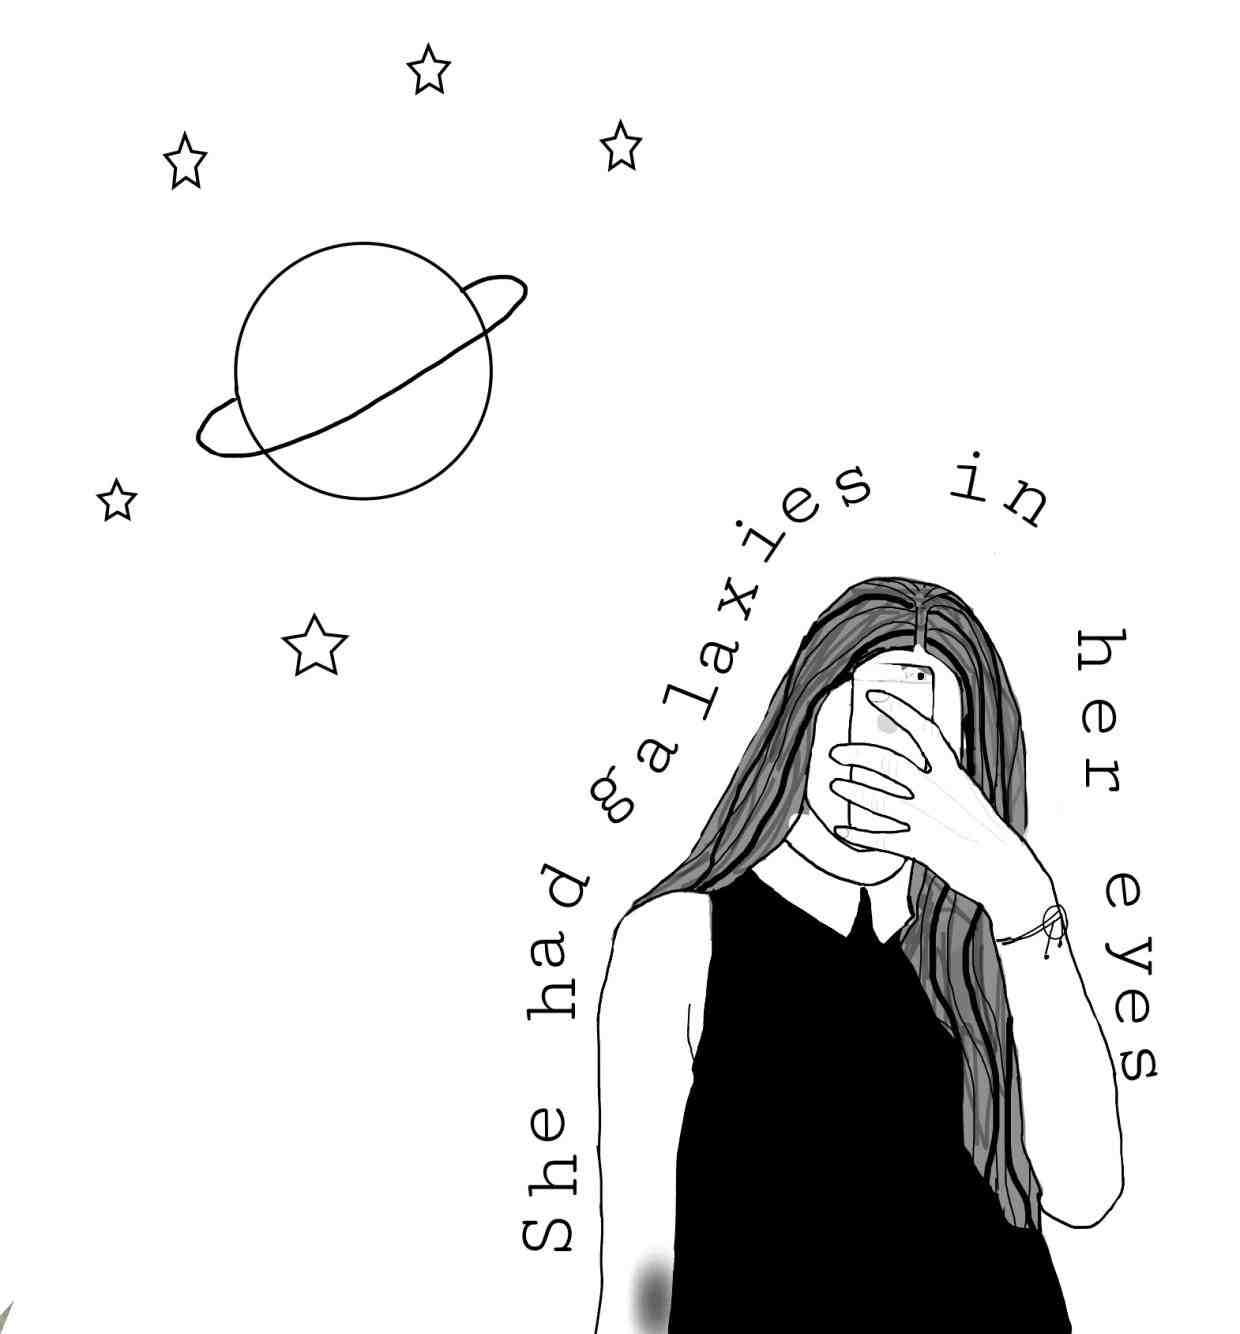 Drawing Grunge Outline Outlines Tumblr Artline Artlines T